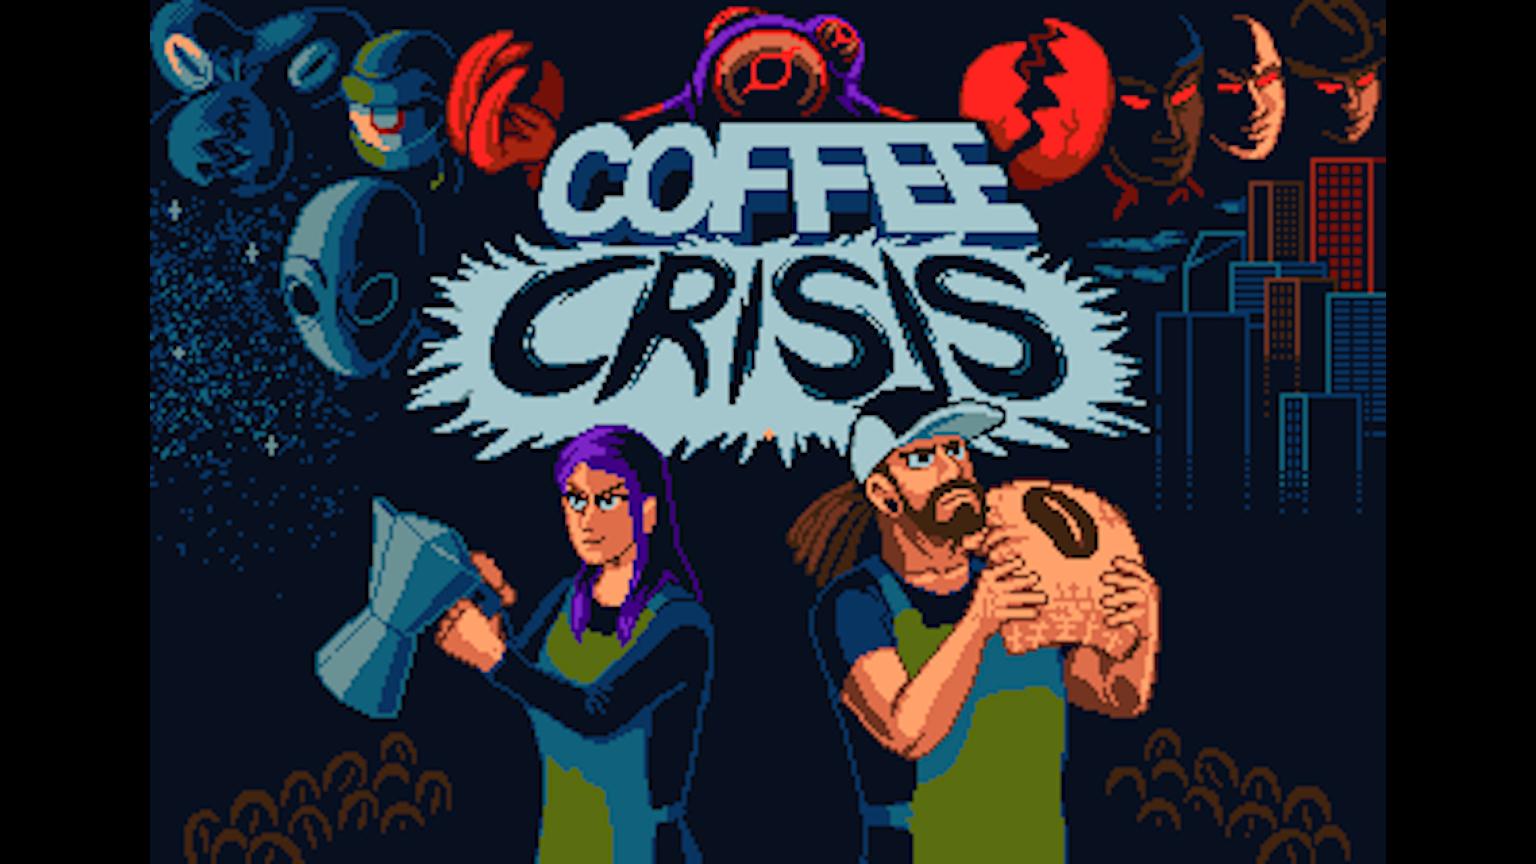 [MegaCat Studios] Coffee Crisis F26ad9f8c5079195f96a5750e04fd412_original